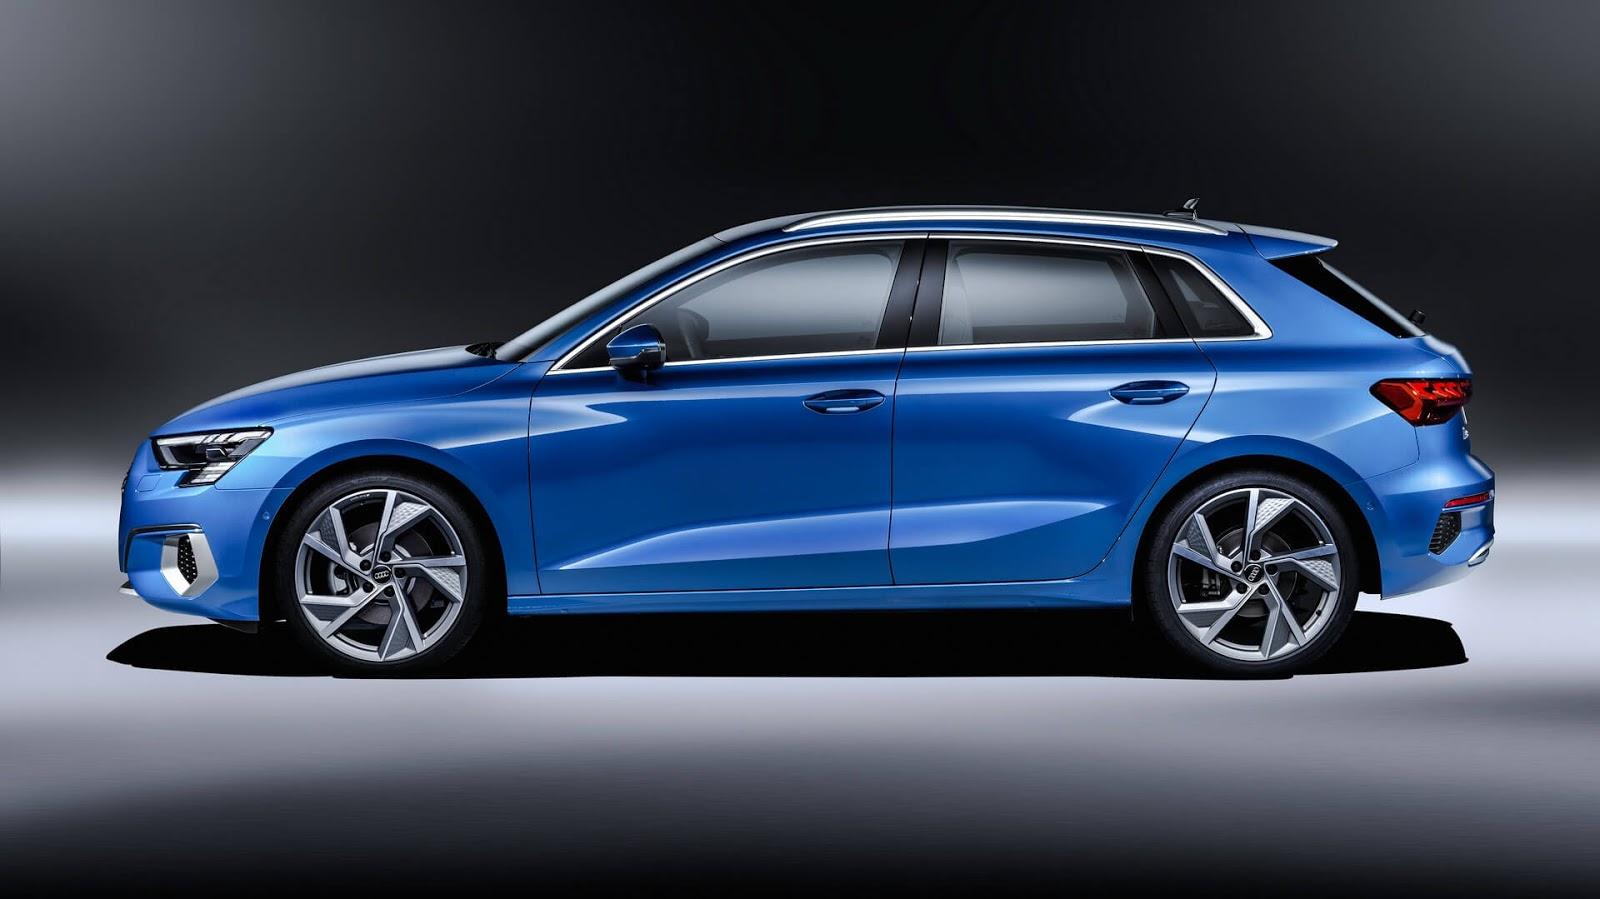 The new gen Audi A3 2021, is aggressive despite its small size